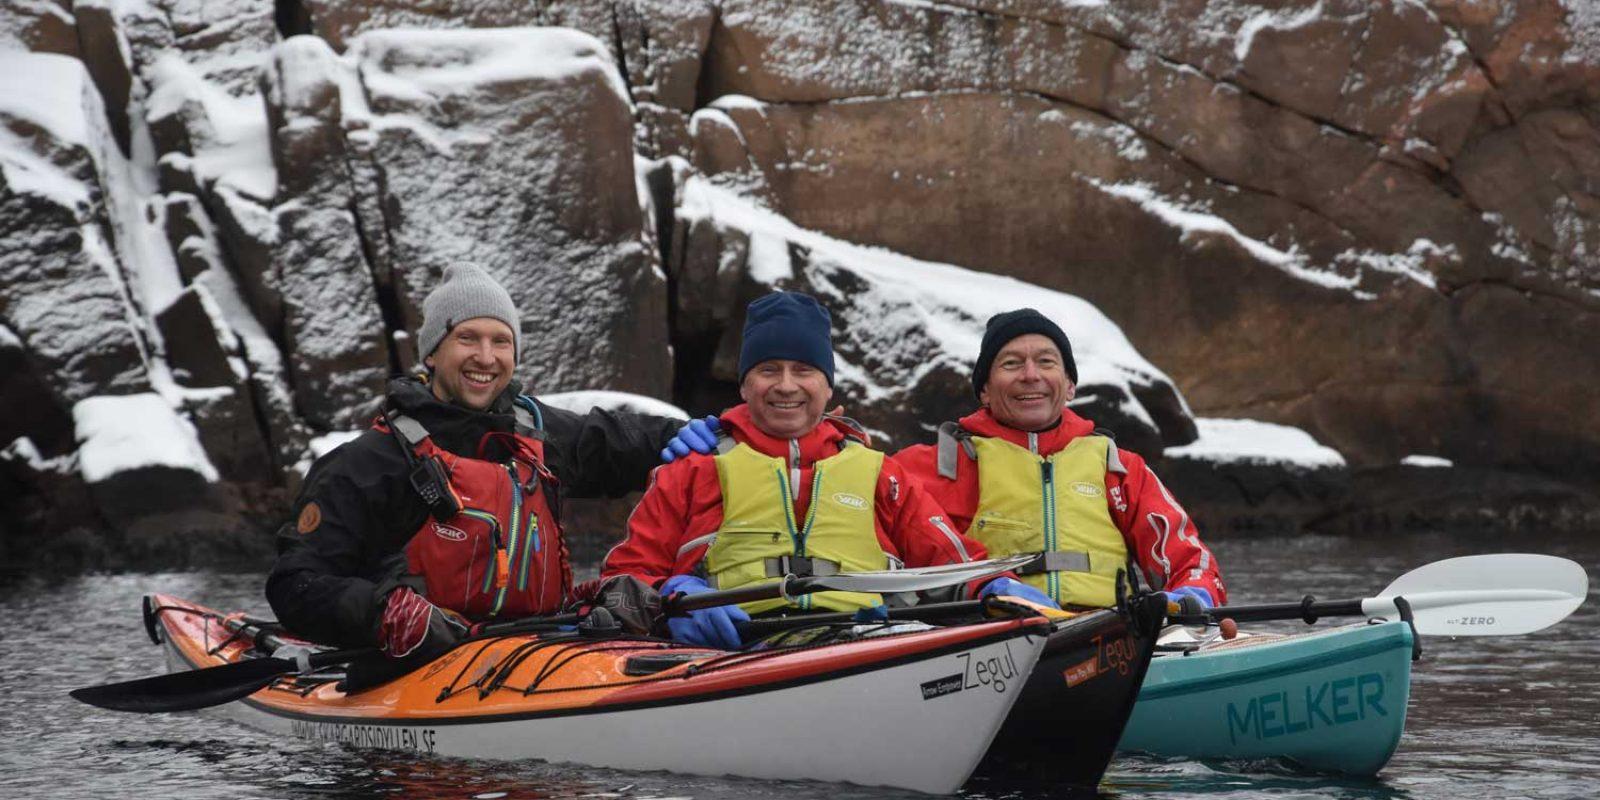 Personer paddlar kajak på vintern i norra Bohuslän tillsammans med en professionell guide från Skärgårdsidyllen